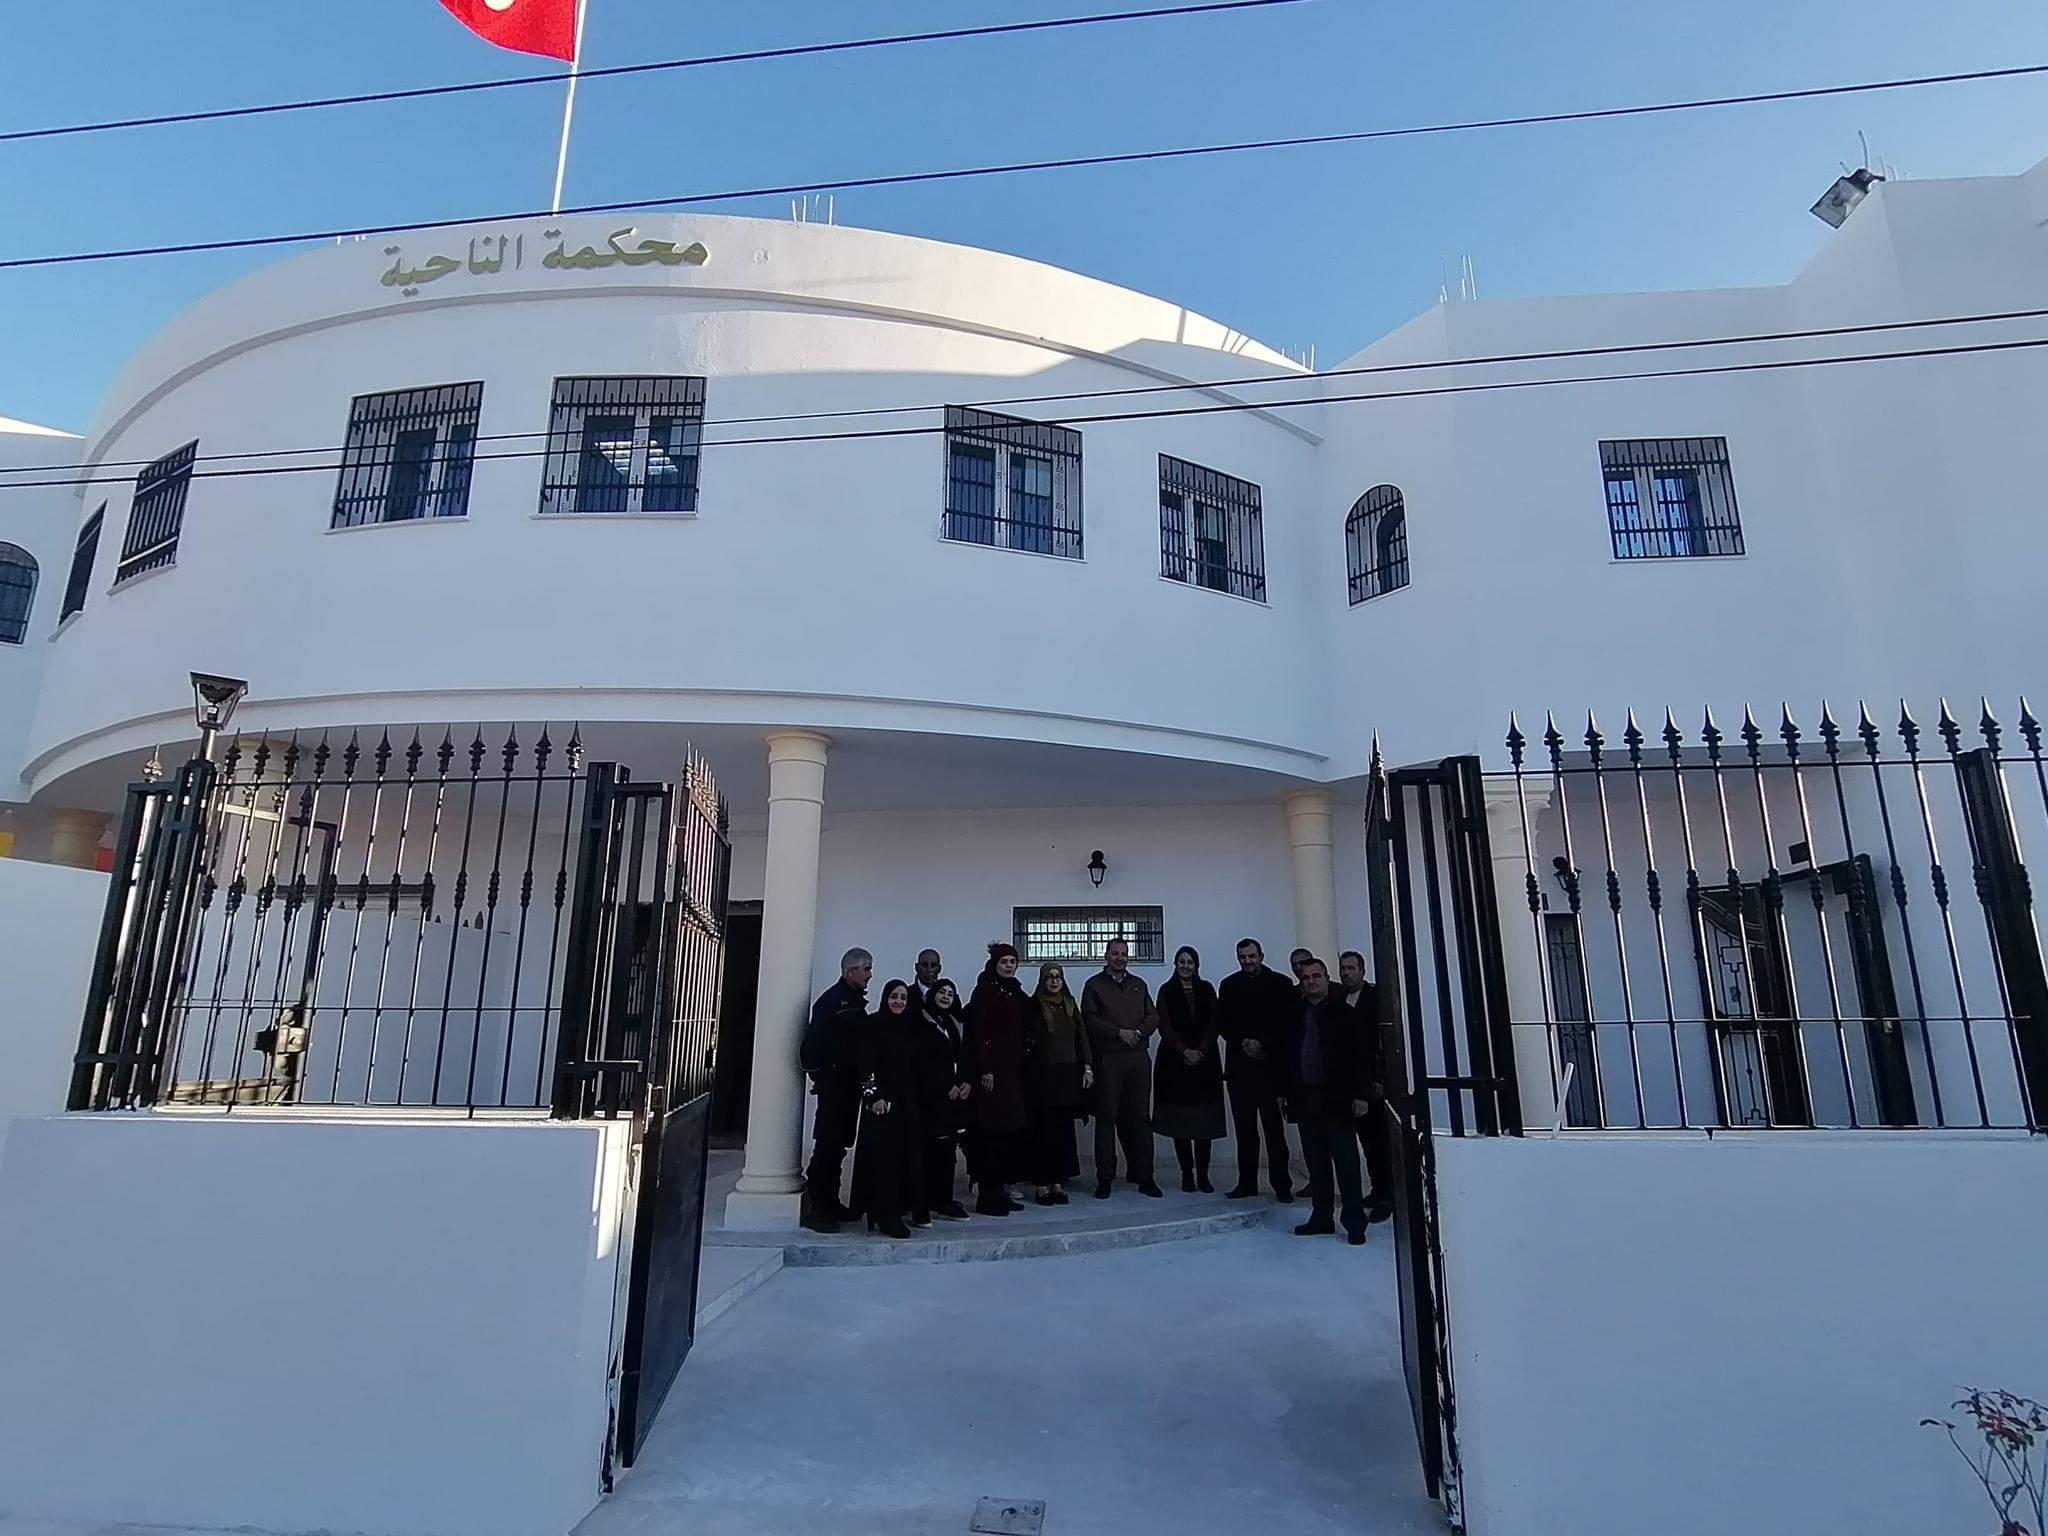 إستقبال محكمة الناحية بجرجيس للمتقاضين بمقرها الجديد: